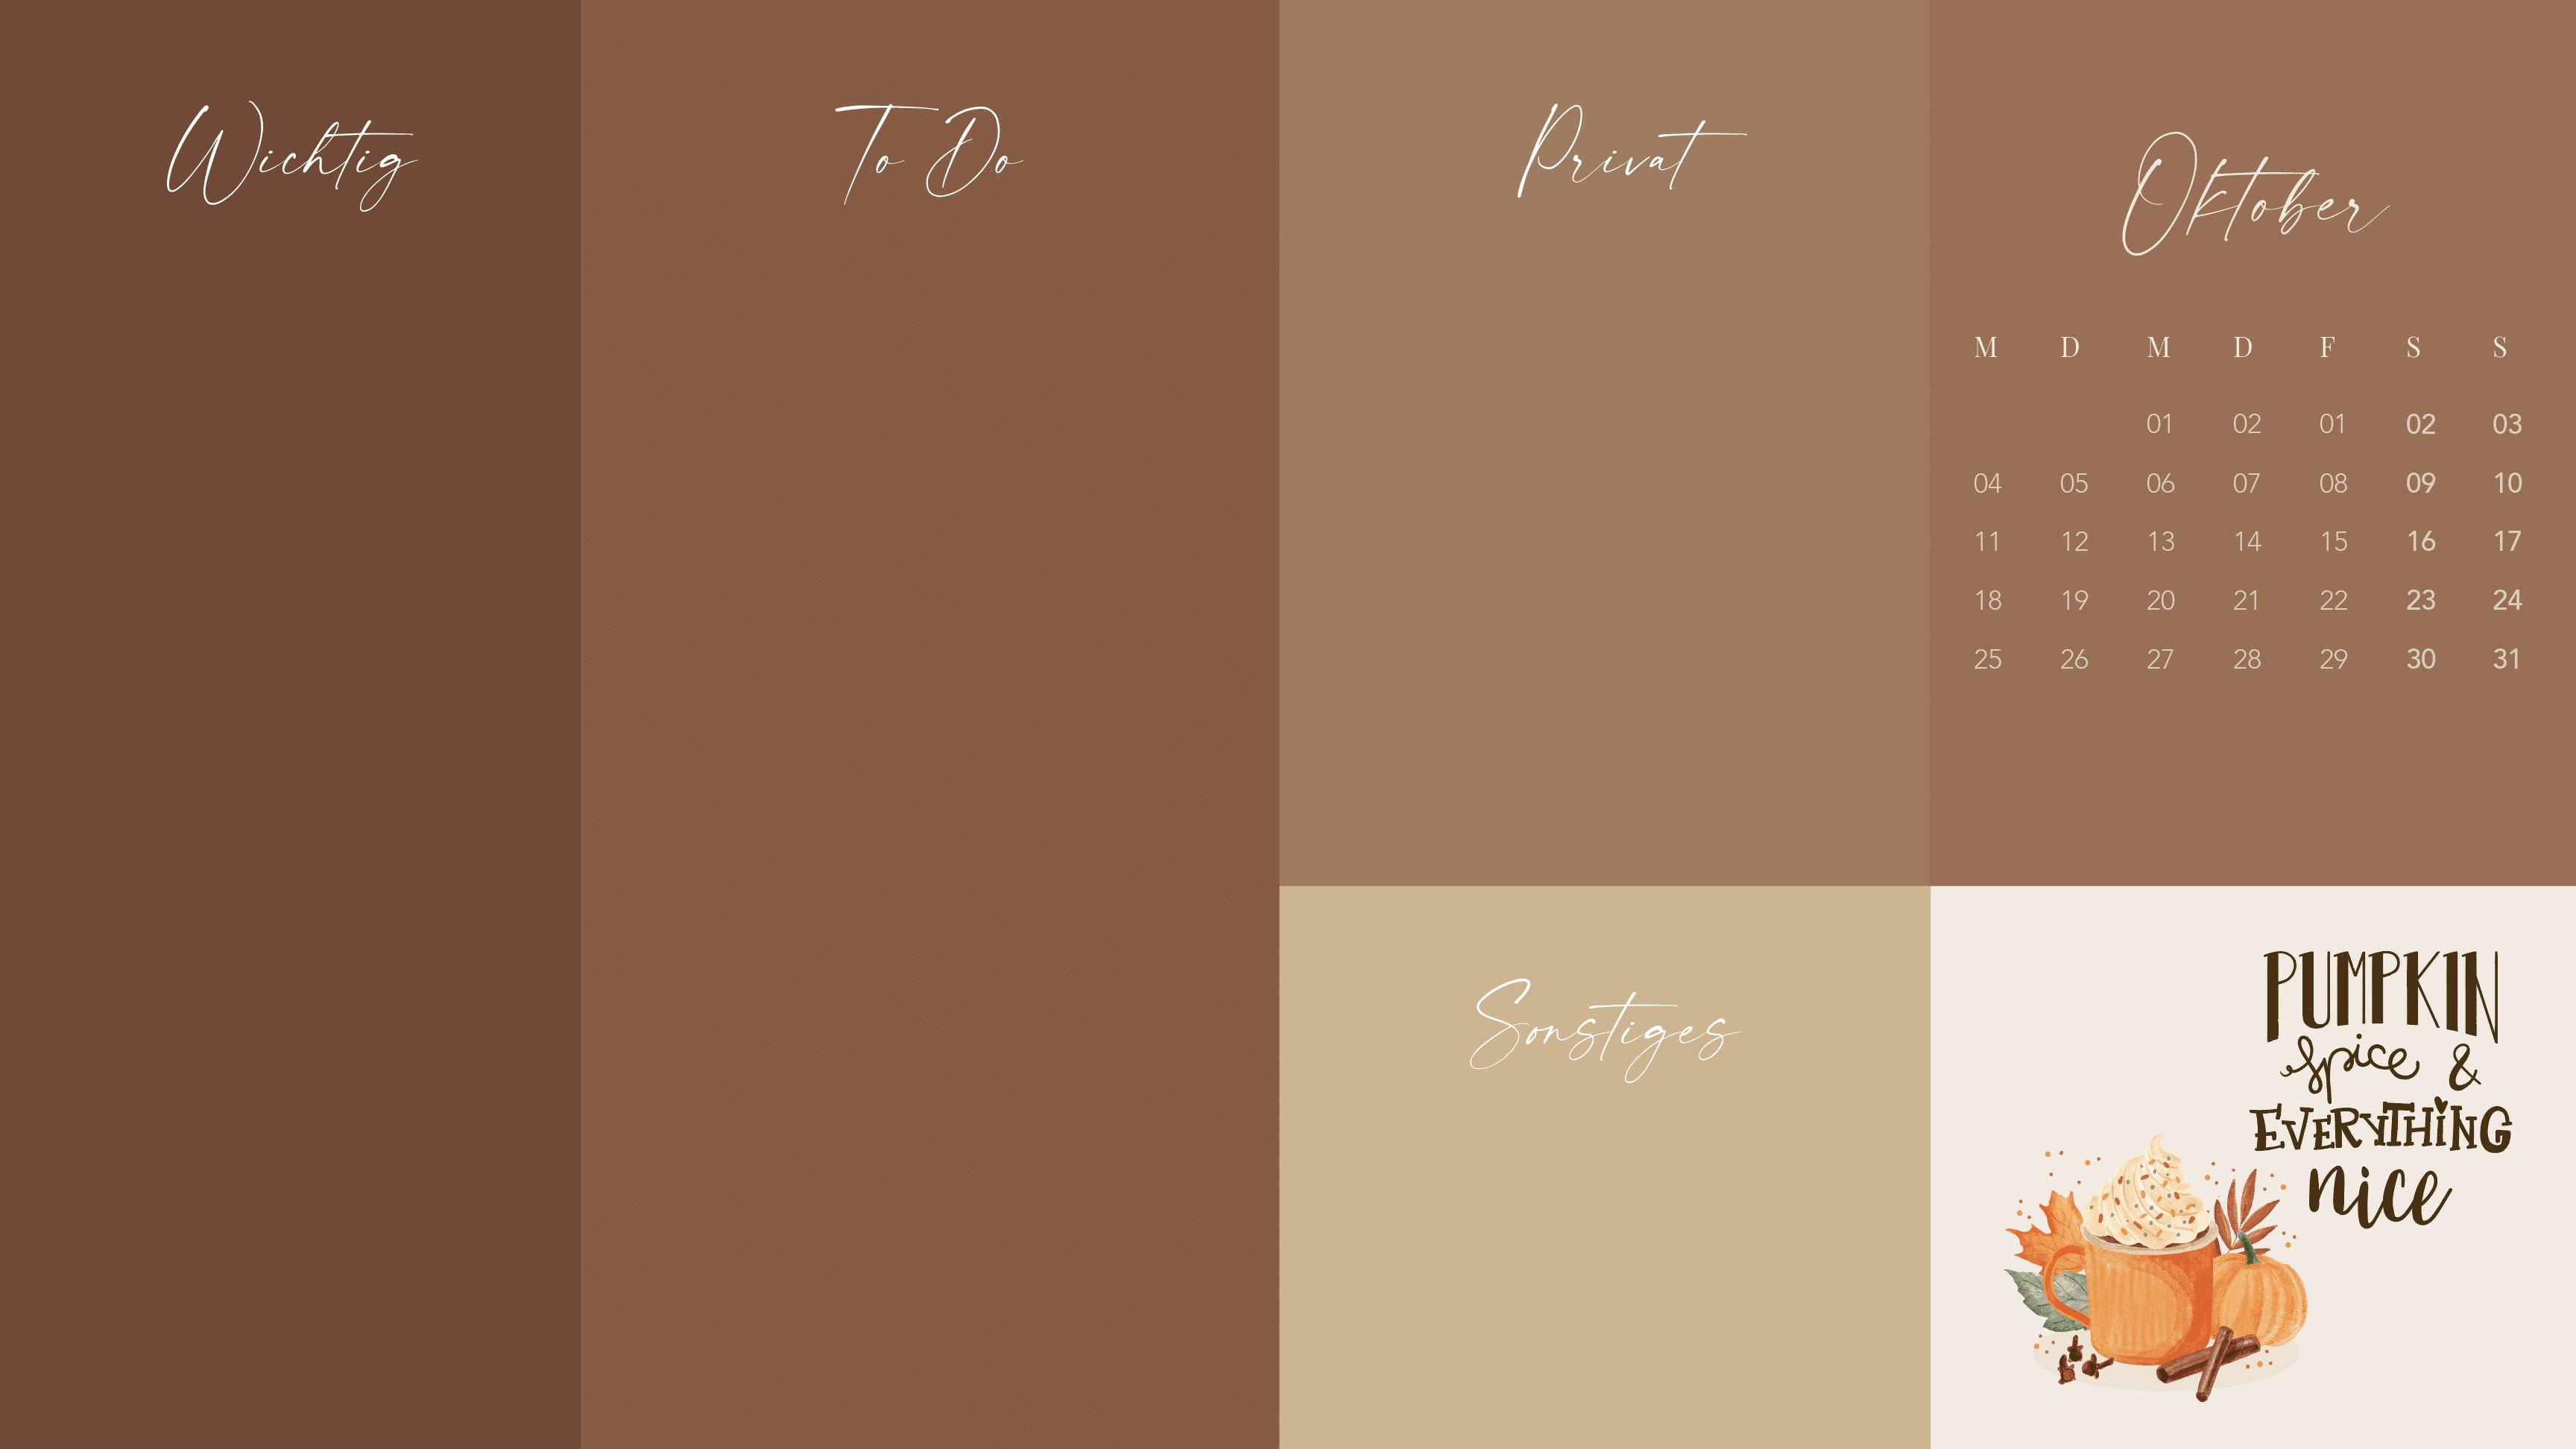 Oktober-Wallpaper-2021-design-bildschirmhintergrund-pumpkin-spice-latte